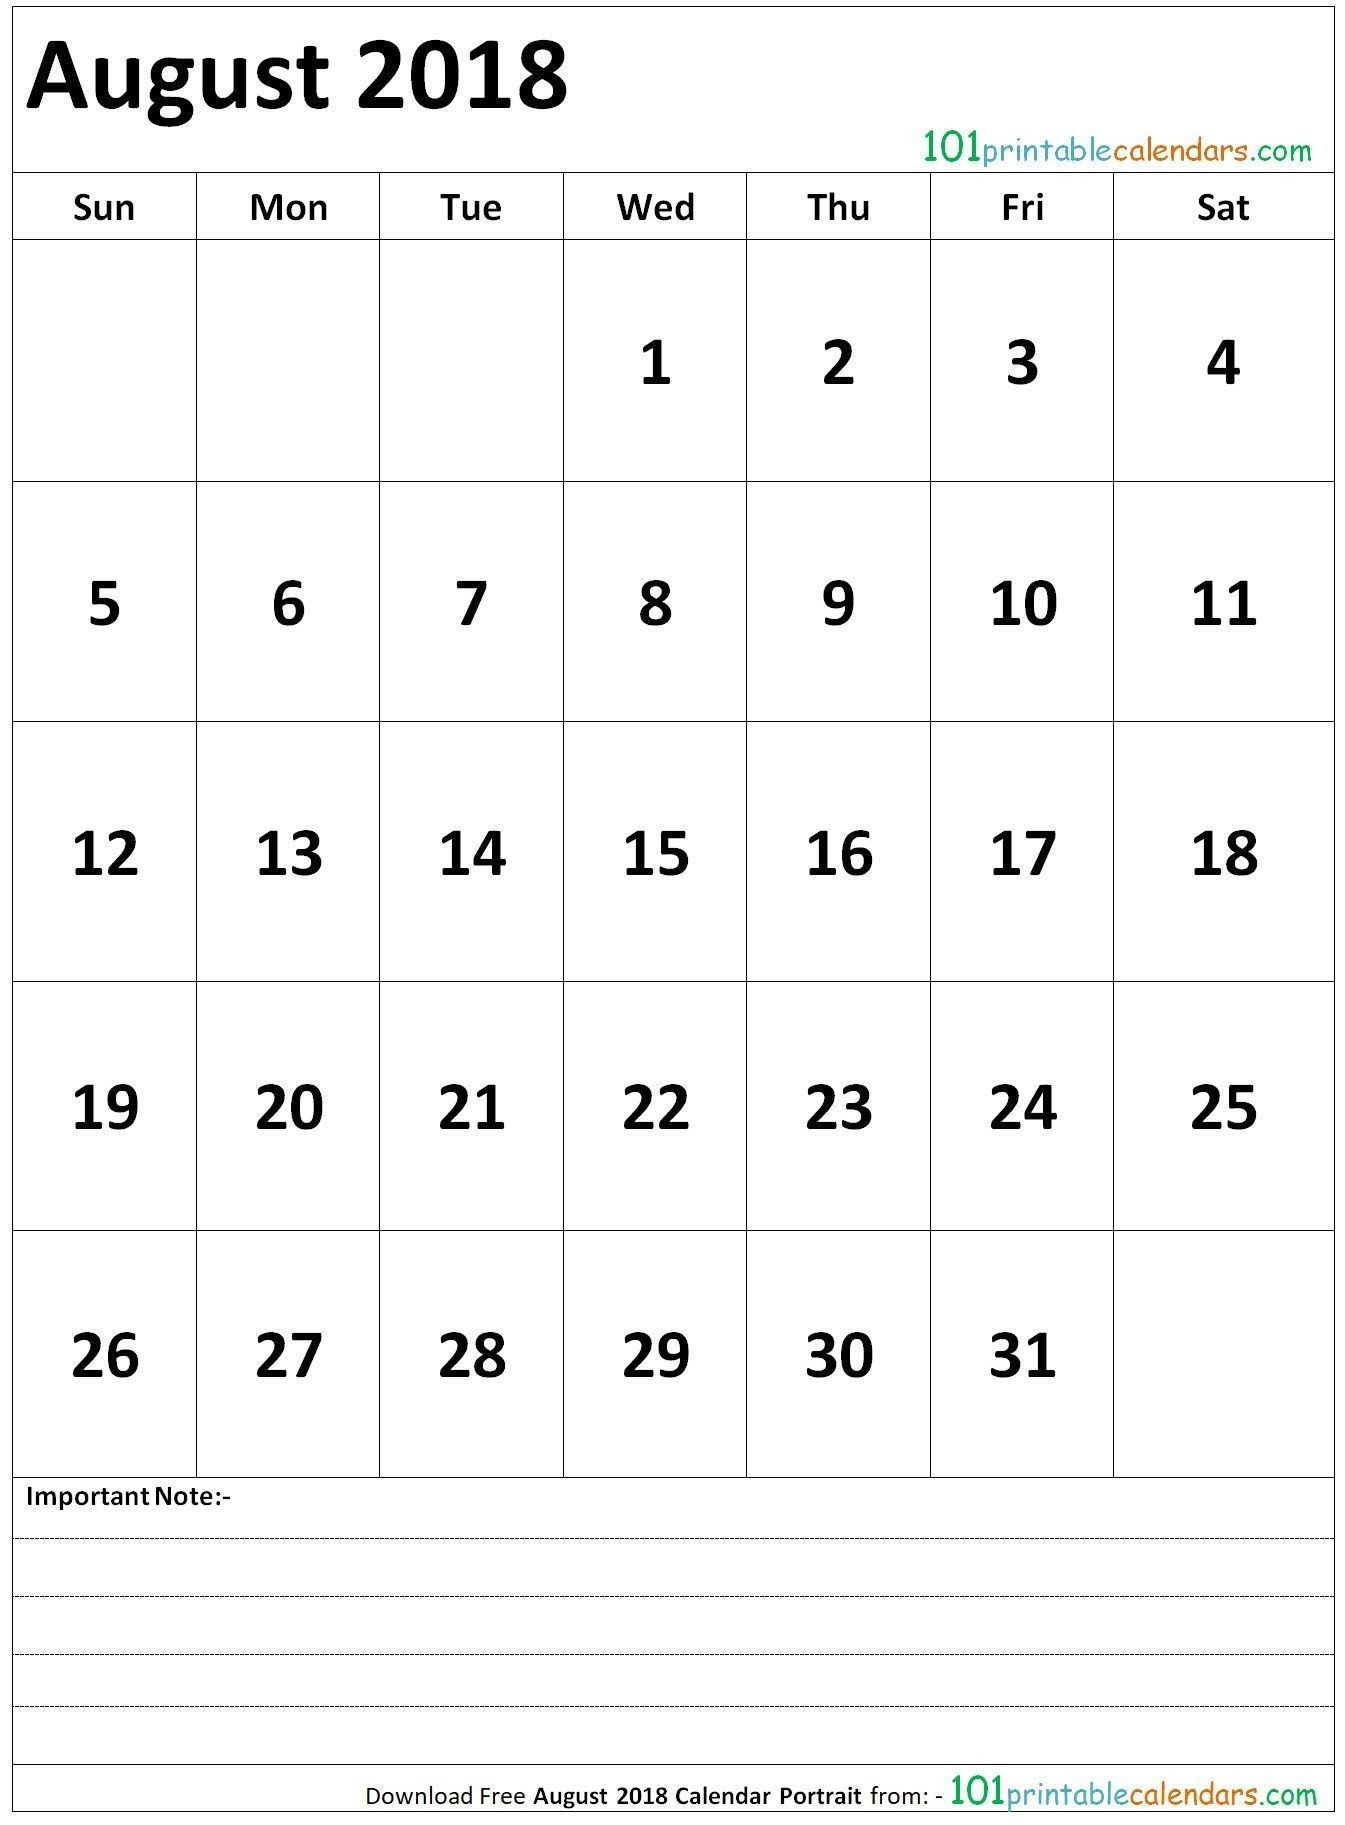 Calendar 2019 Time And Date 2018 Calendar Portraitml – Calendar Calendar 2019 Date And Time